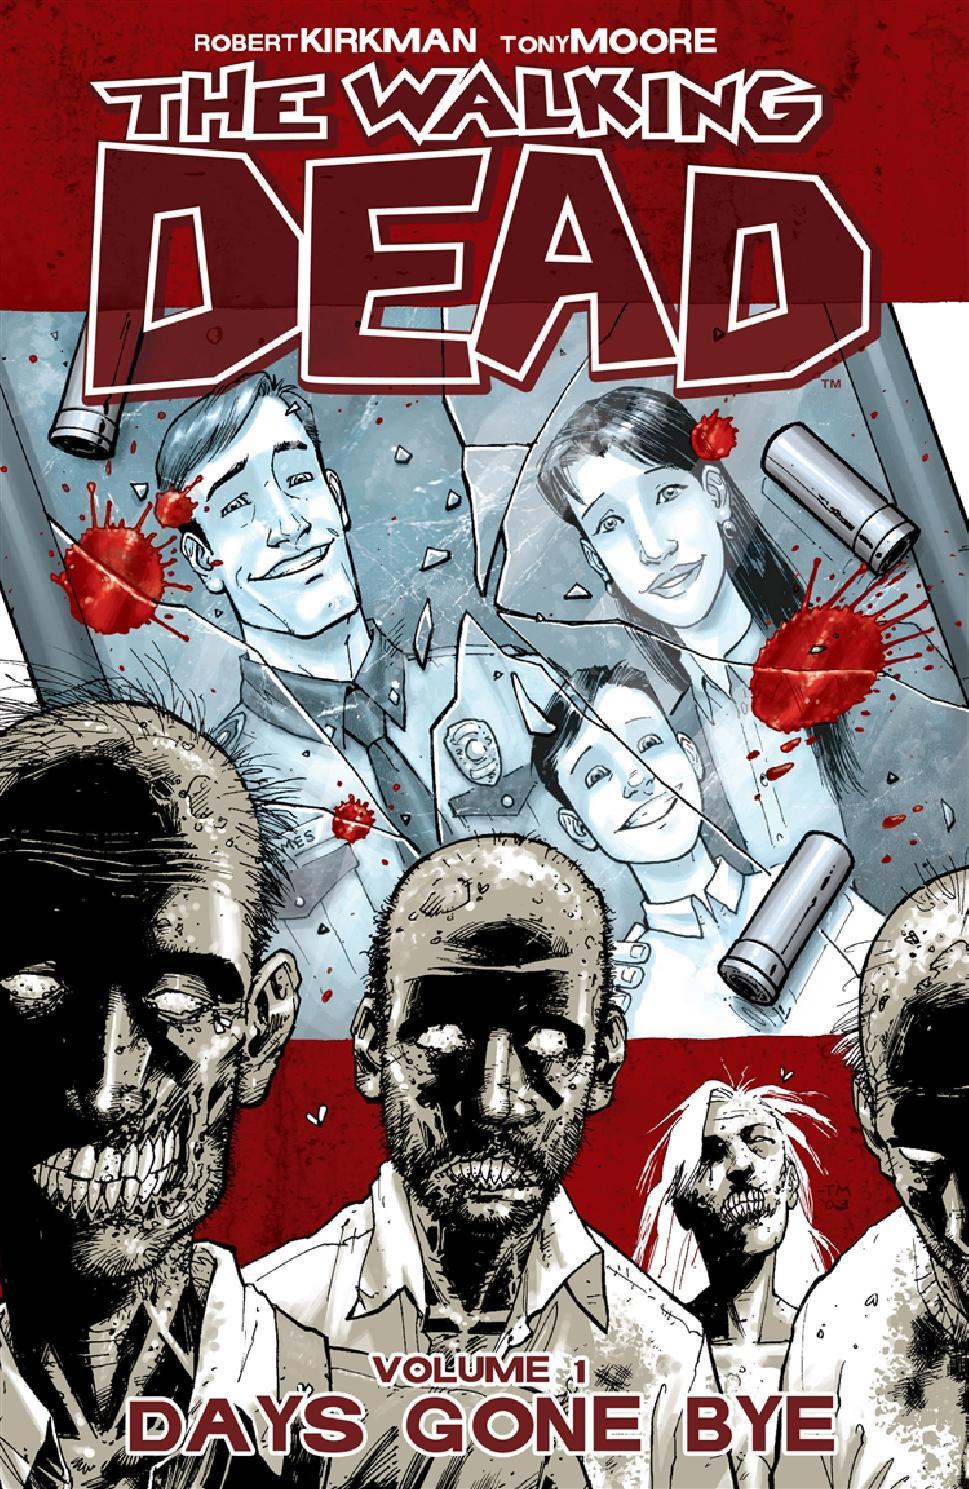 The Walking Dead volume 1 - Days Gone Bye